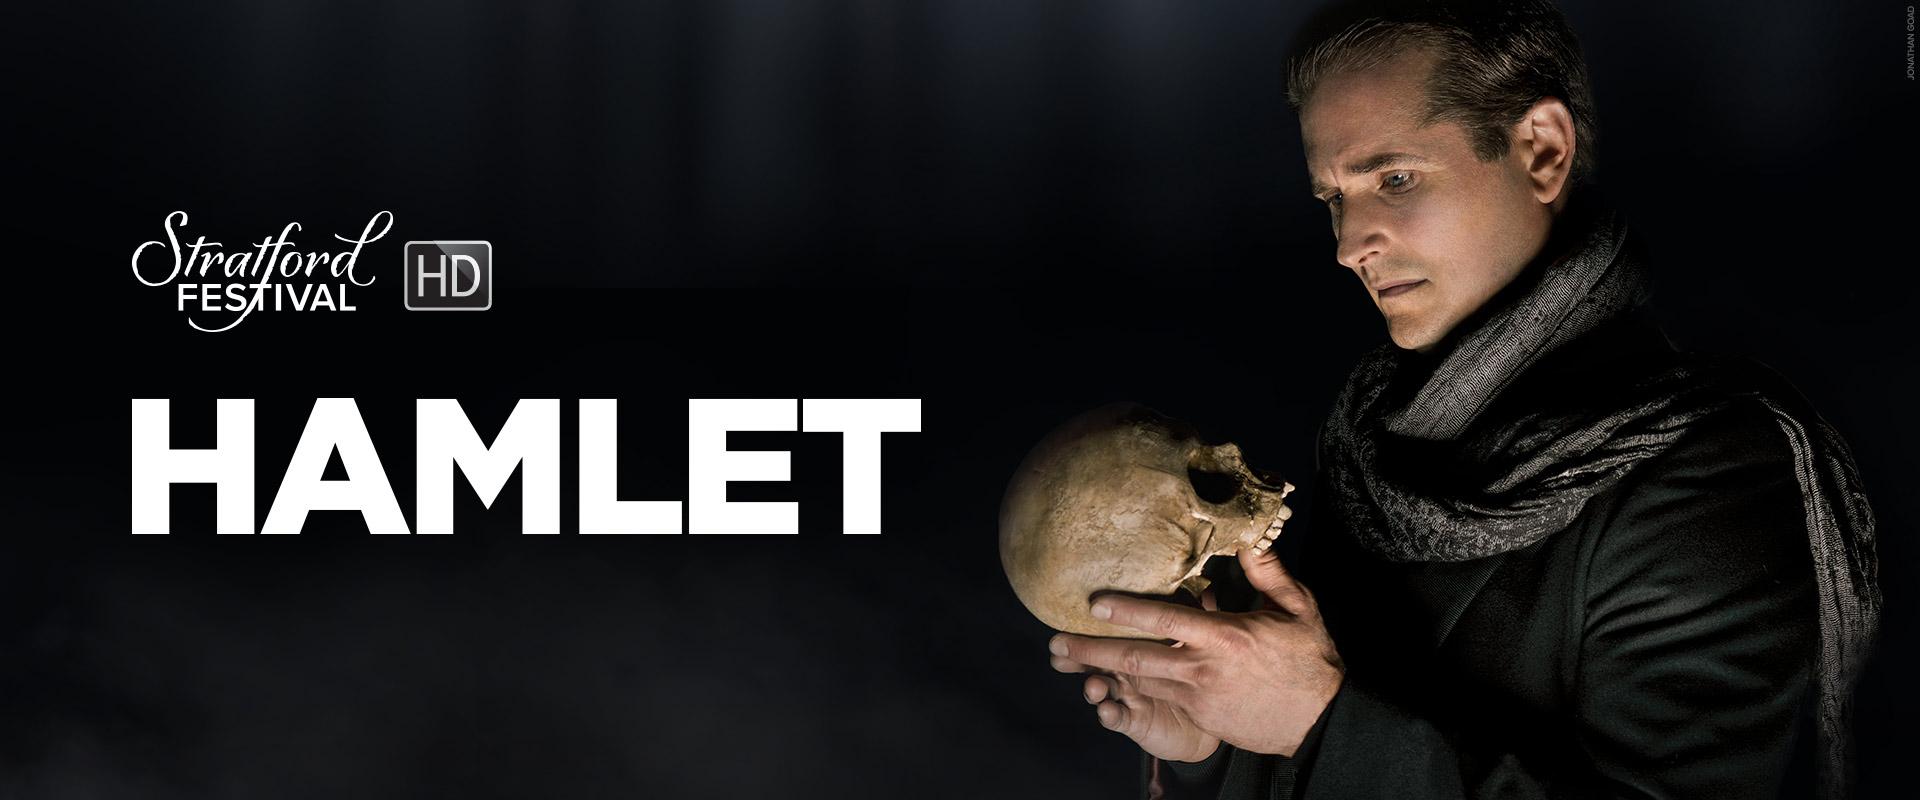 hamlet what if Hamlets mor ophelia, polonii dotter hofherrar och hofdamer, officerare, soldater, skådespelare, dödgräfvare, matroser, budbärare m fl.